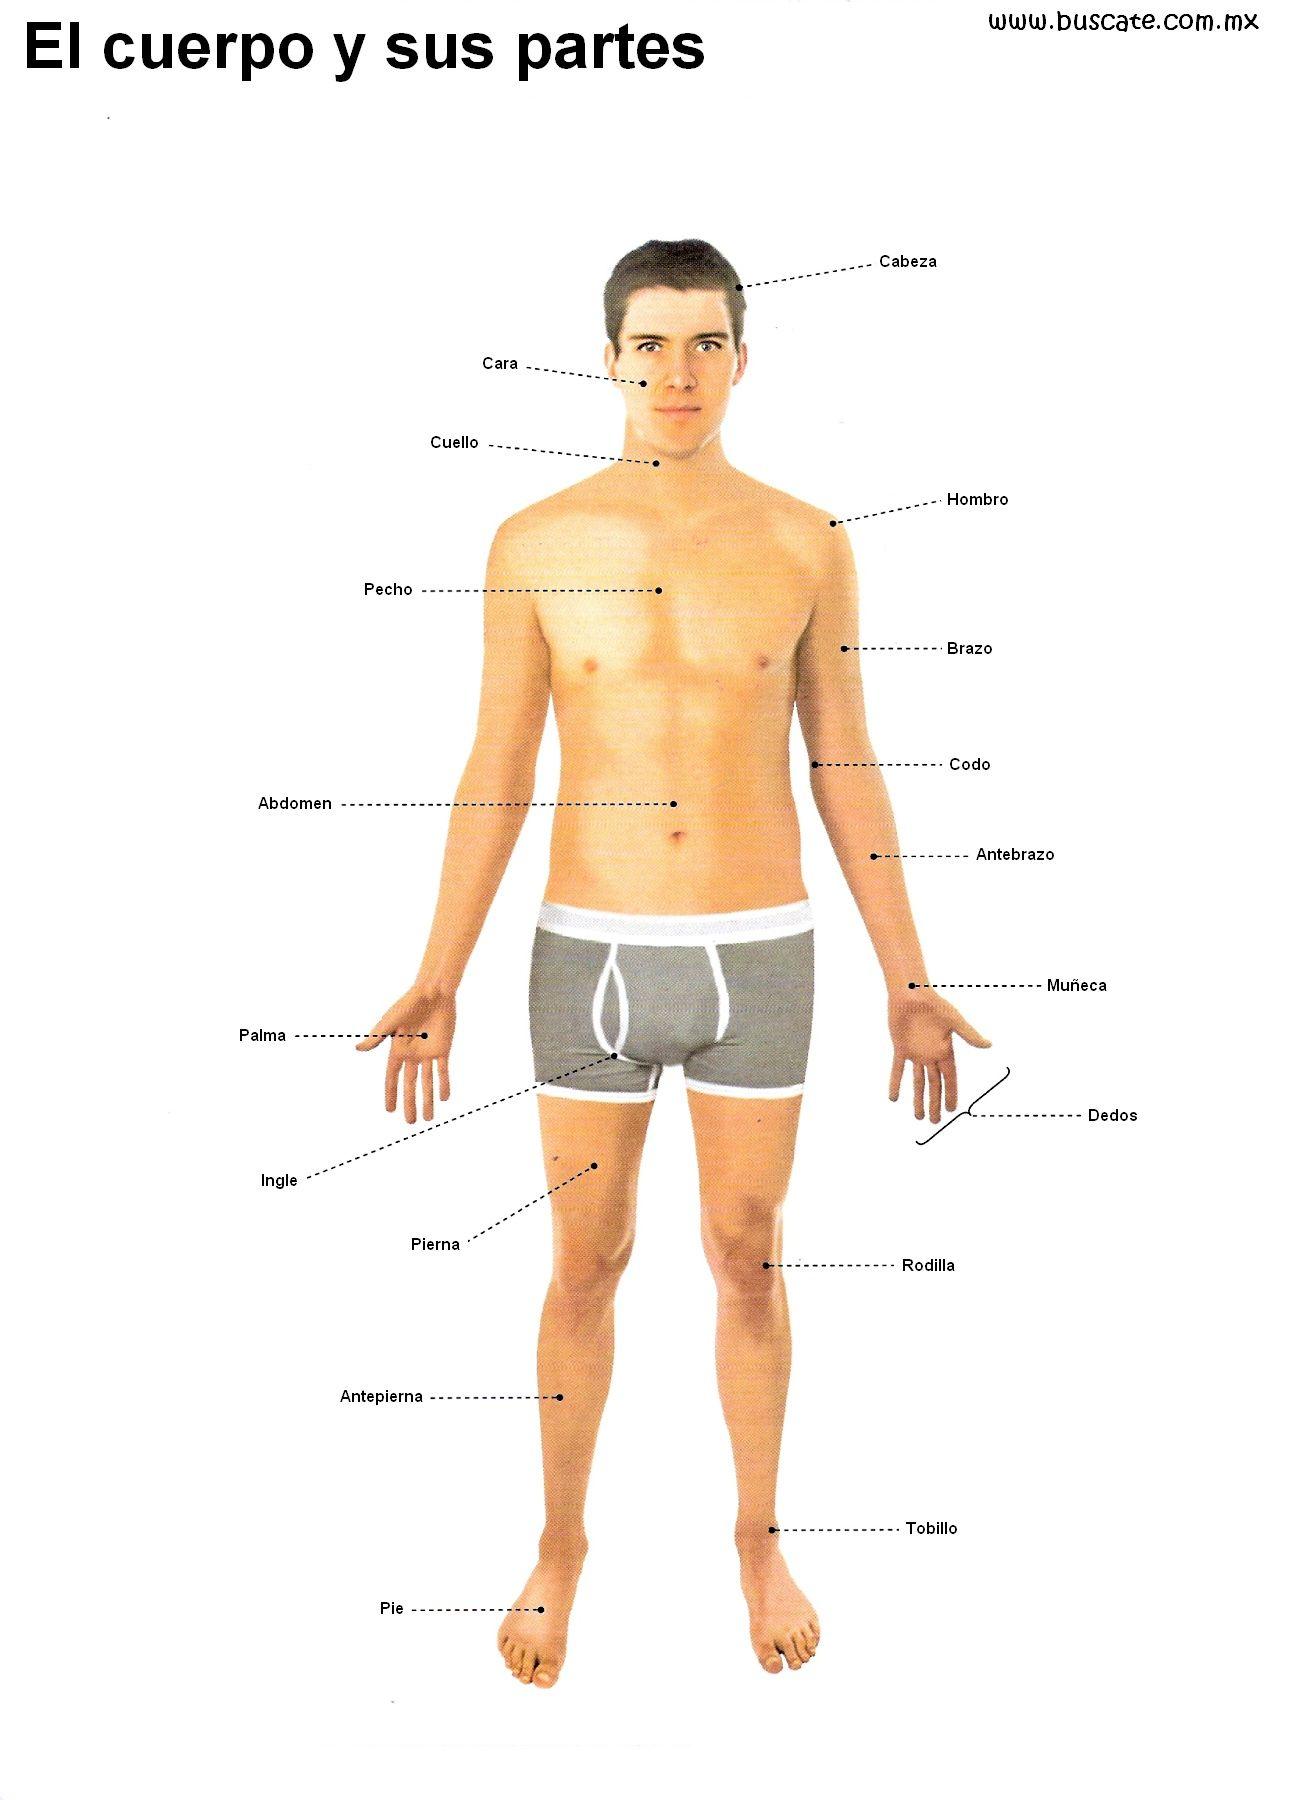 Esquema del cuerpo humano en colores. Con el nombre de sus partes ...